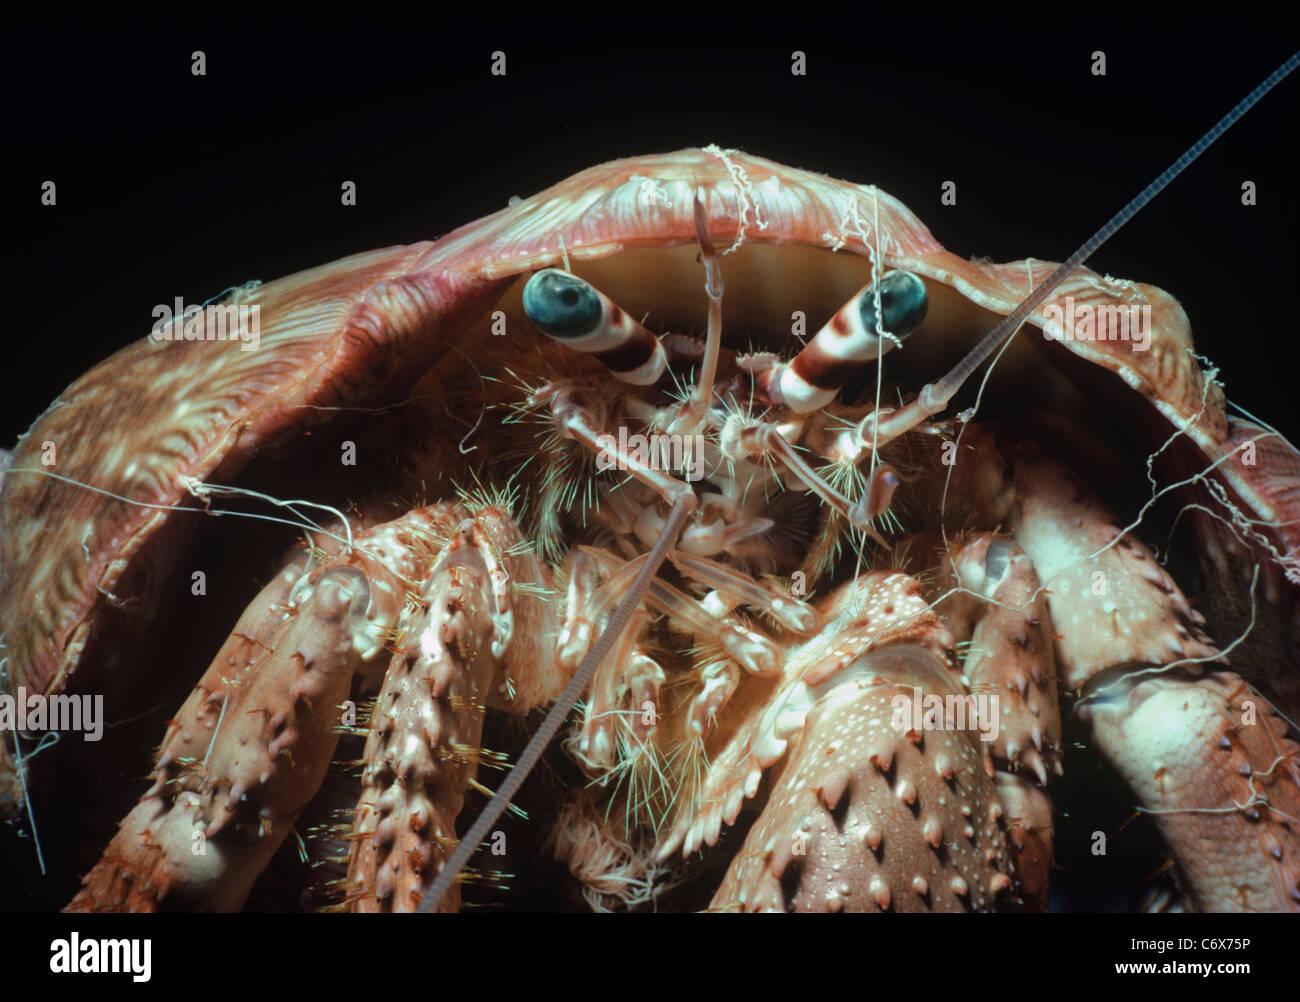 Blau-Auge Einsiedlerkrebs (Dardanus Tinctor), auch bekannt als die Coral Einsiedlerkrebs oder Anemonen Einsiedlerkrebs. Stockbild